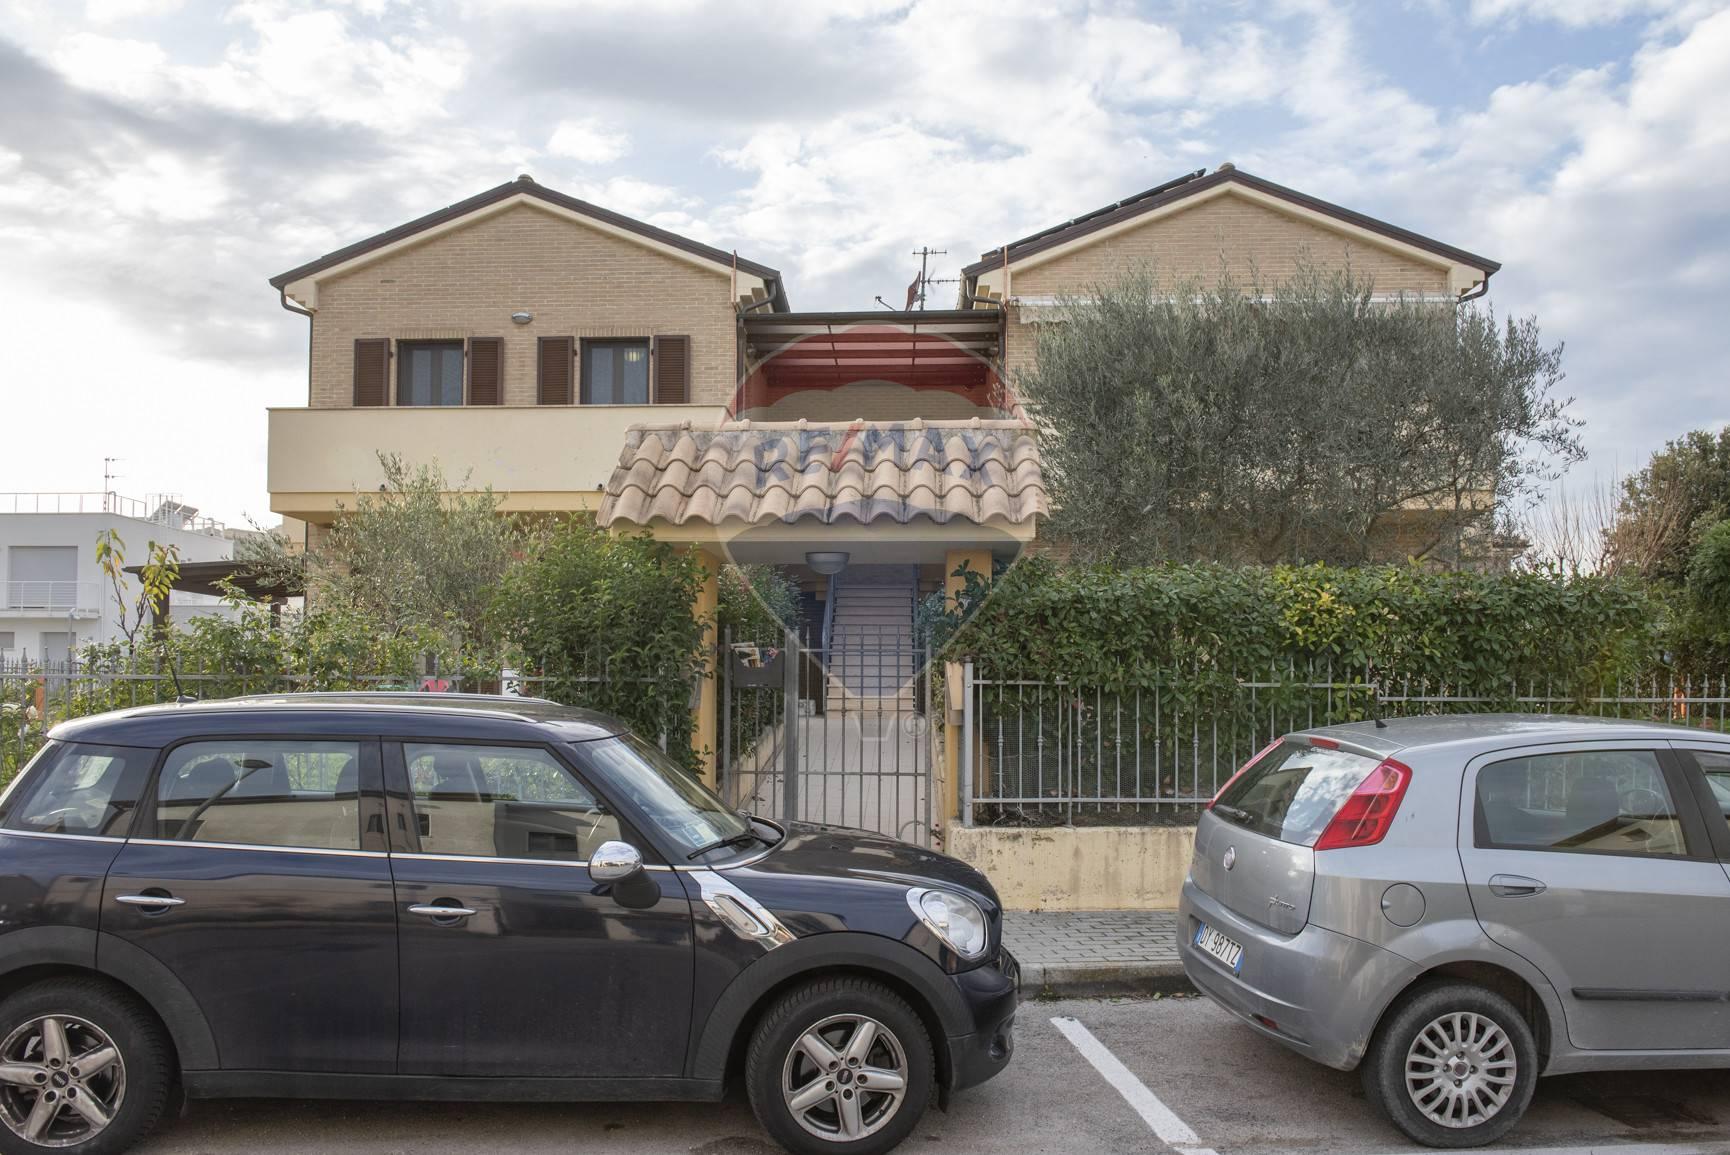 Appartamento in vendita a Loreto, 3 locali, zona Località: LoretoStazione, prezzo € 179.000 | CambioCasa.it